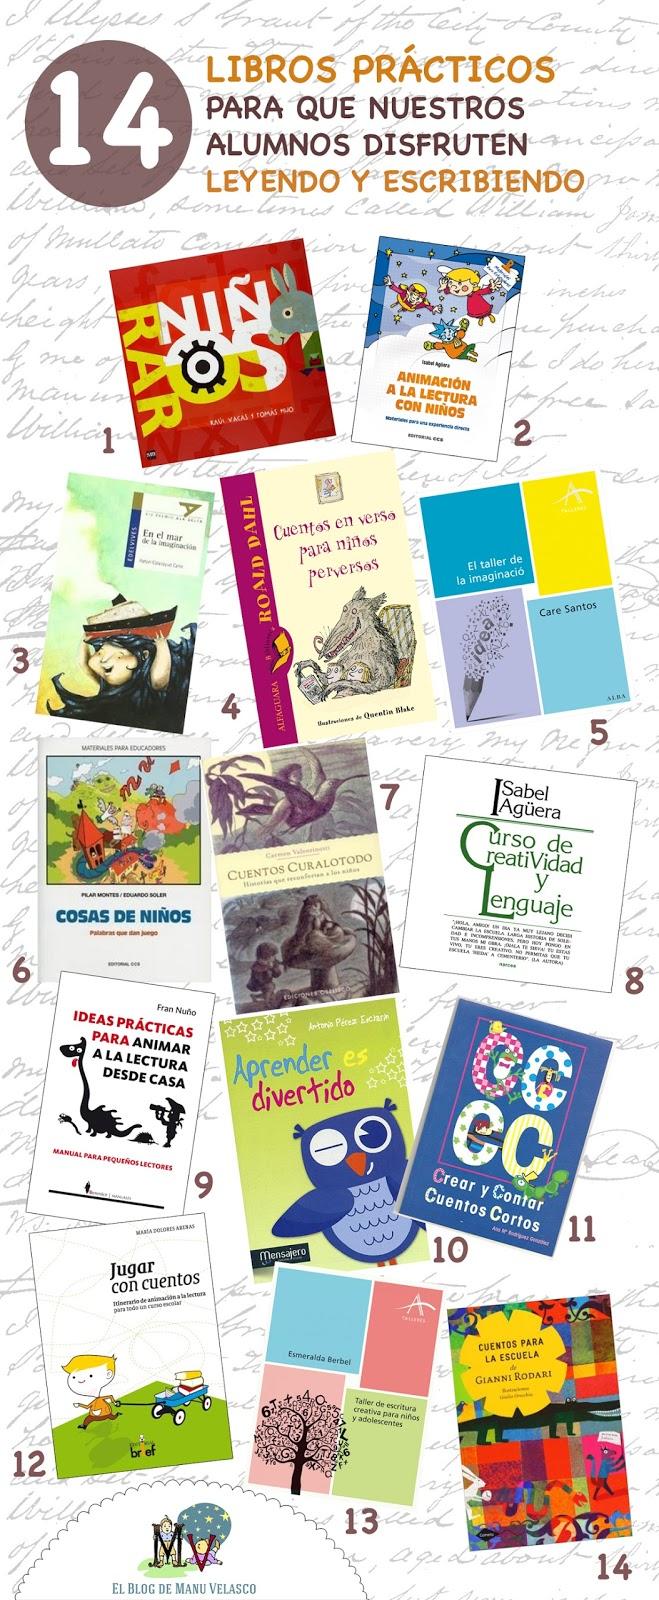 14 LIBROS PRÁCTICOS PARA QUE NUESTROS ALUMNOS DISFRUTEN LEYENDO Y ESCRIBIENDO